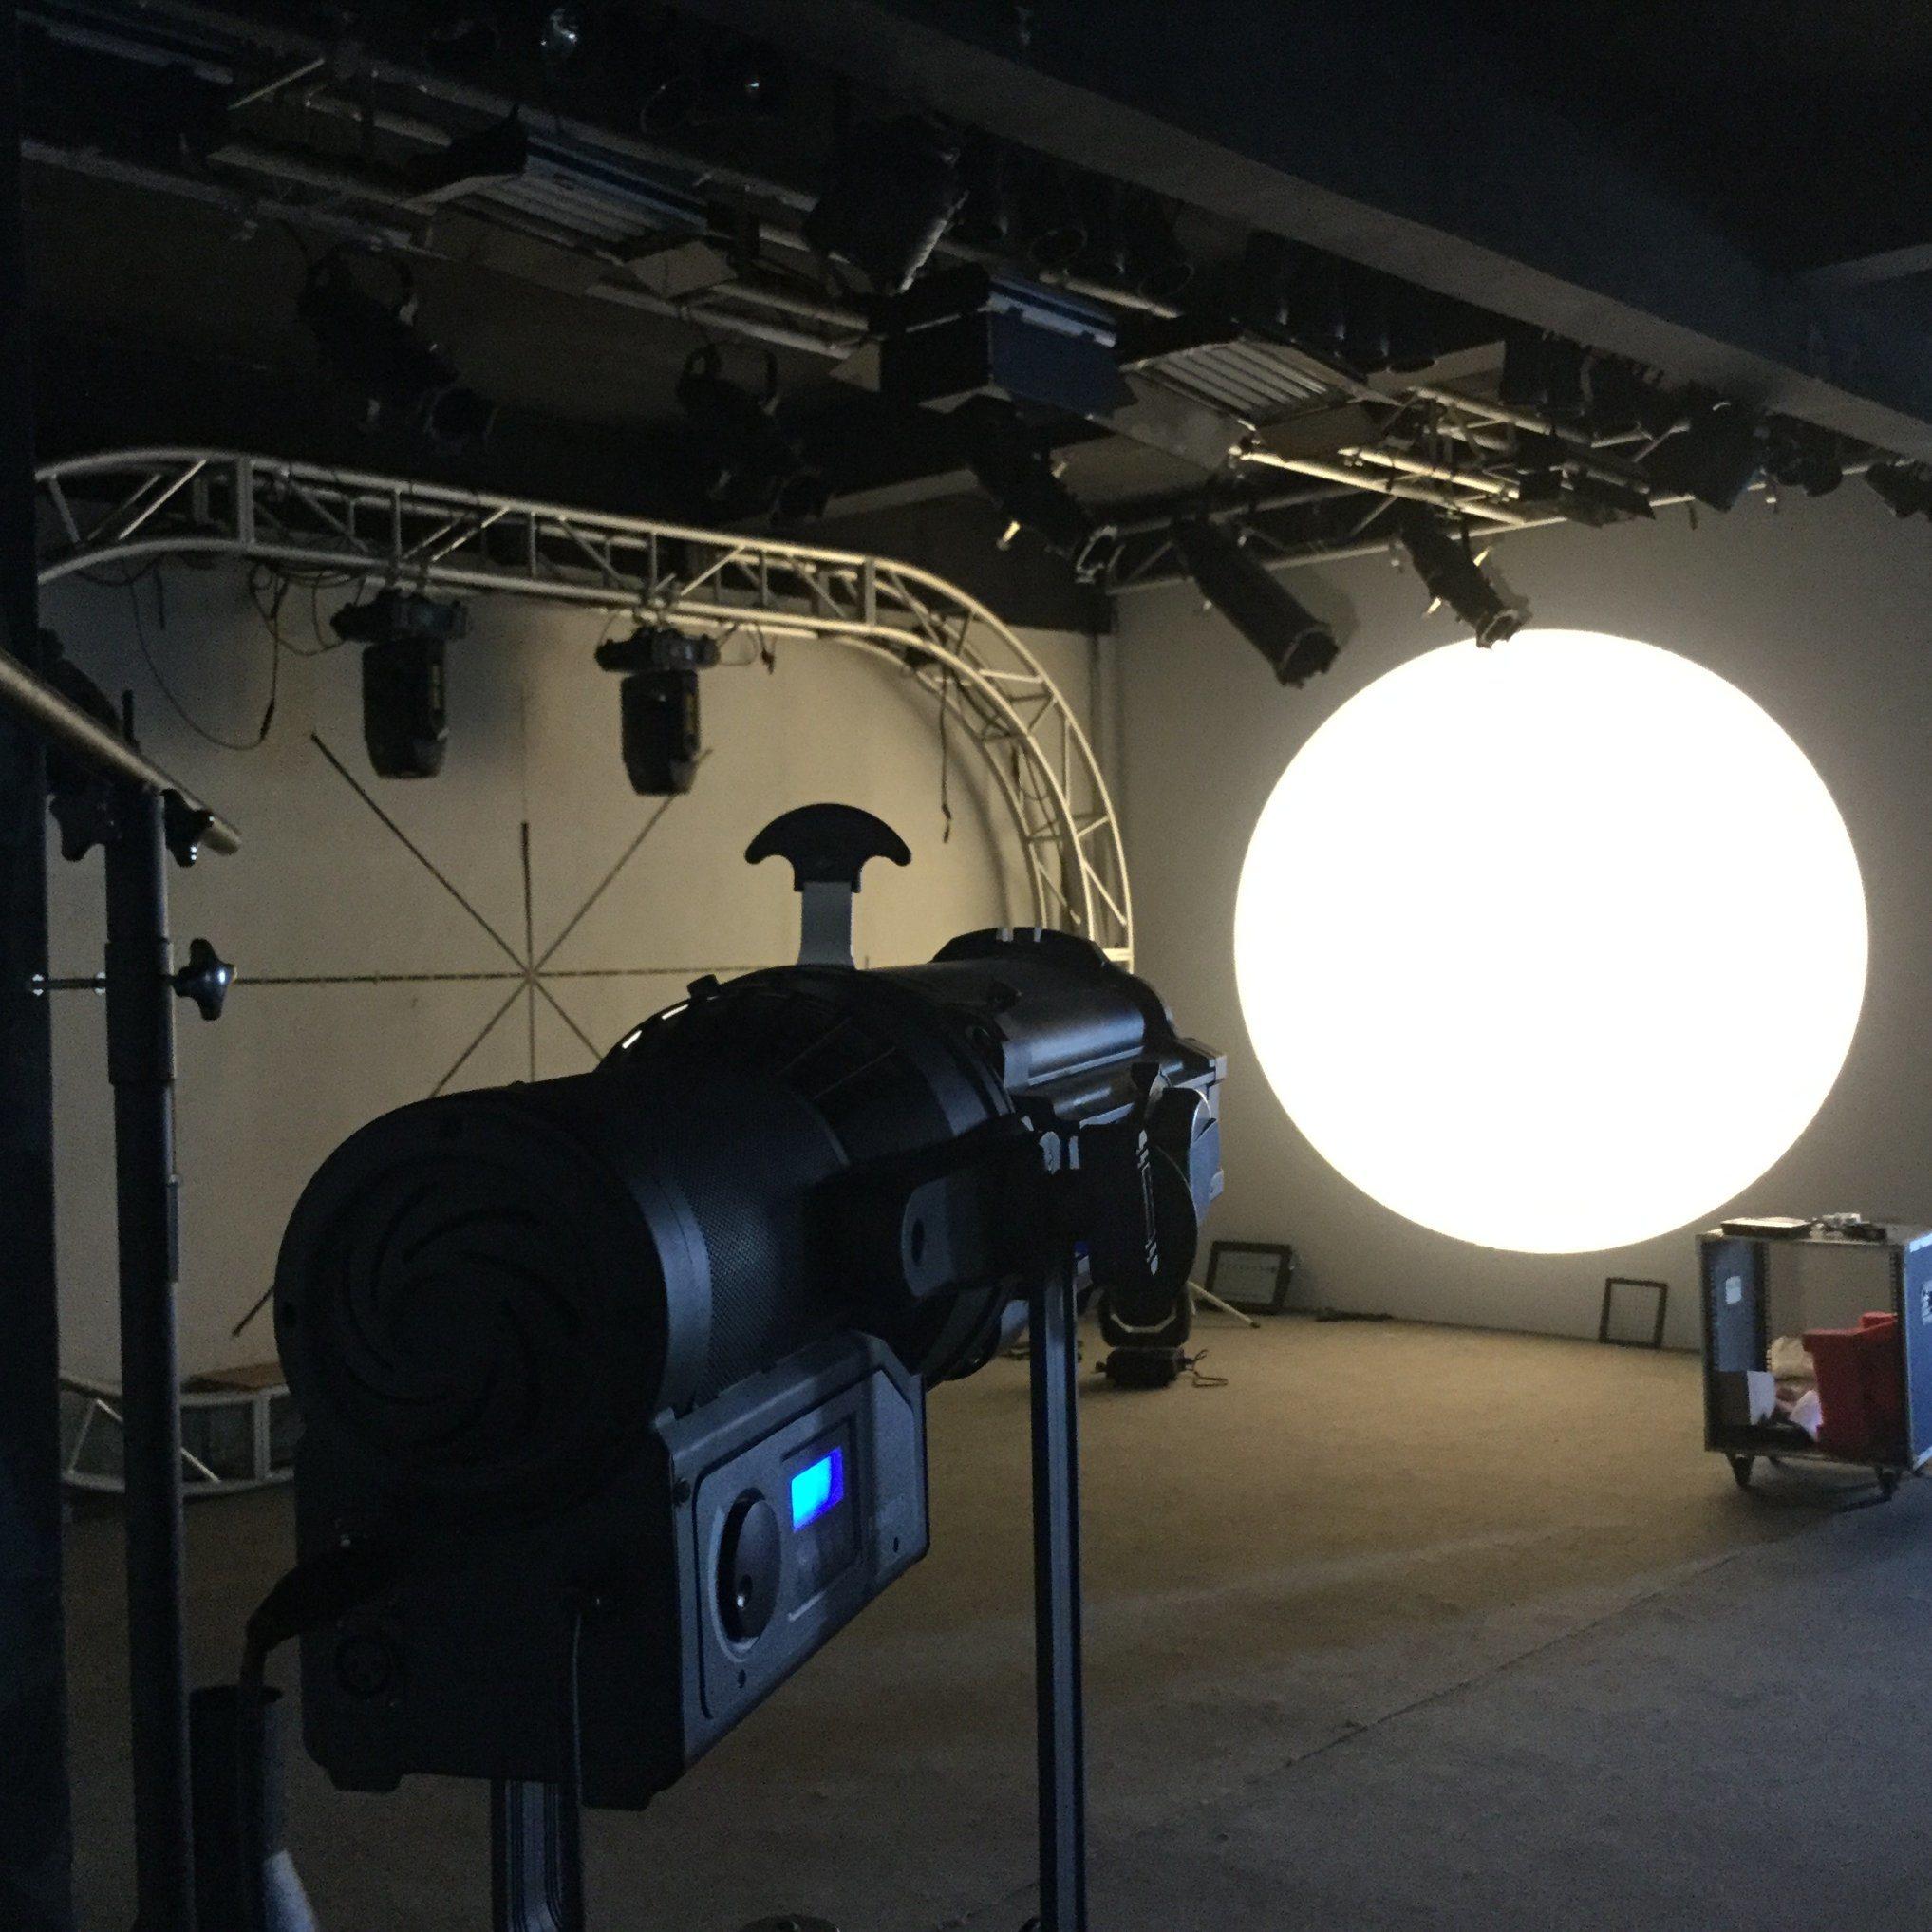 150W LED Zoom Profile Light Ellipsoidal Leko Light for Theatrical Lighting